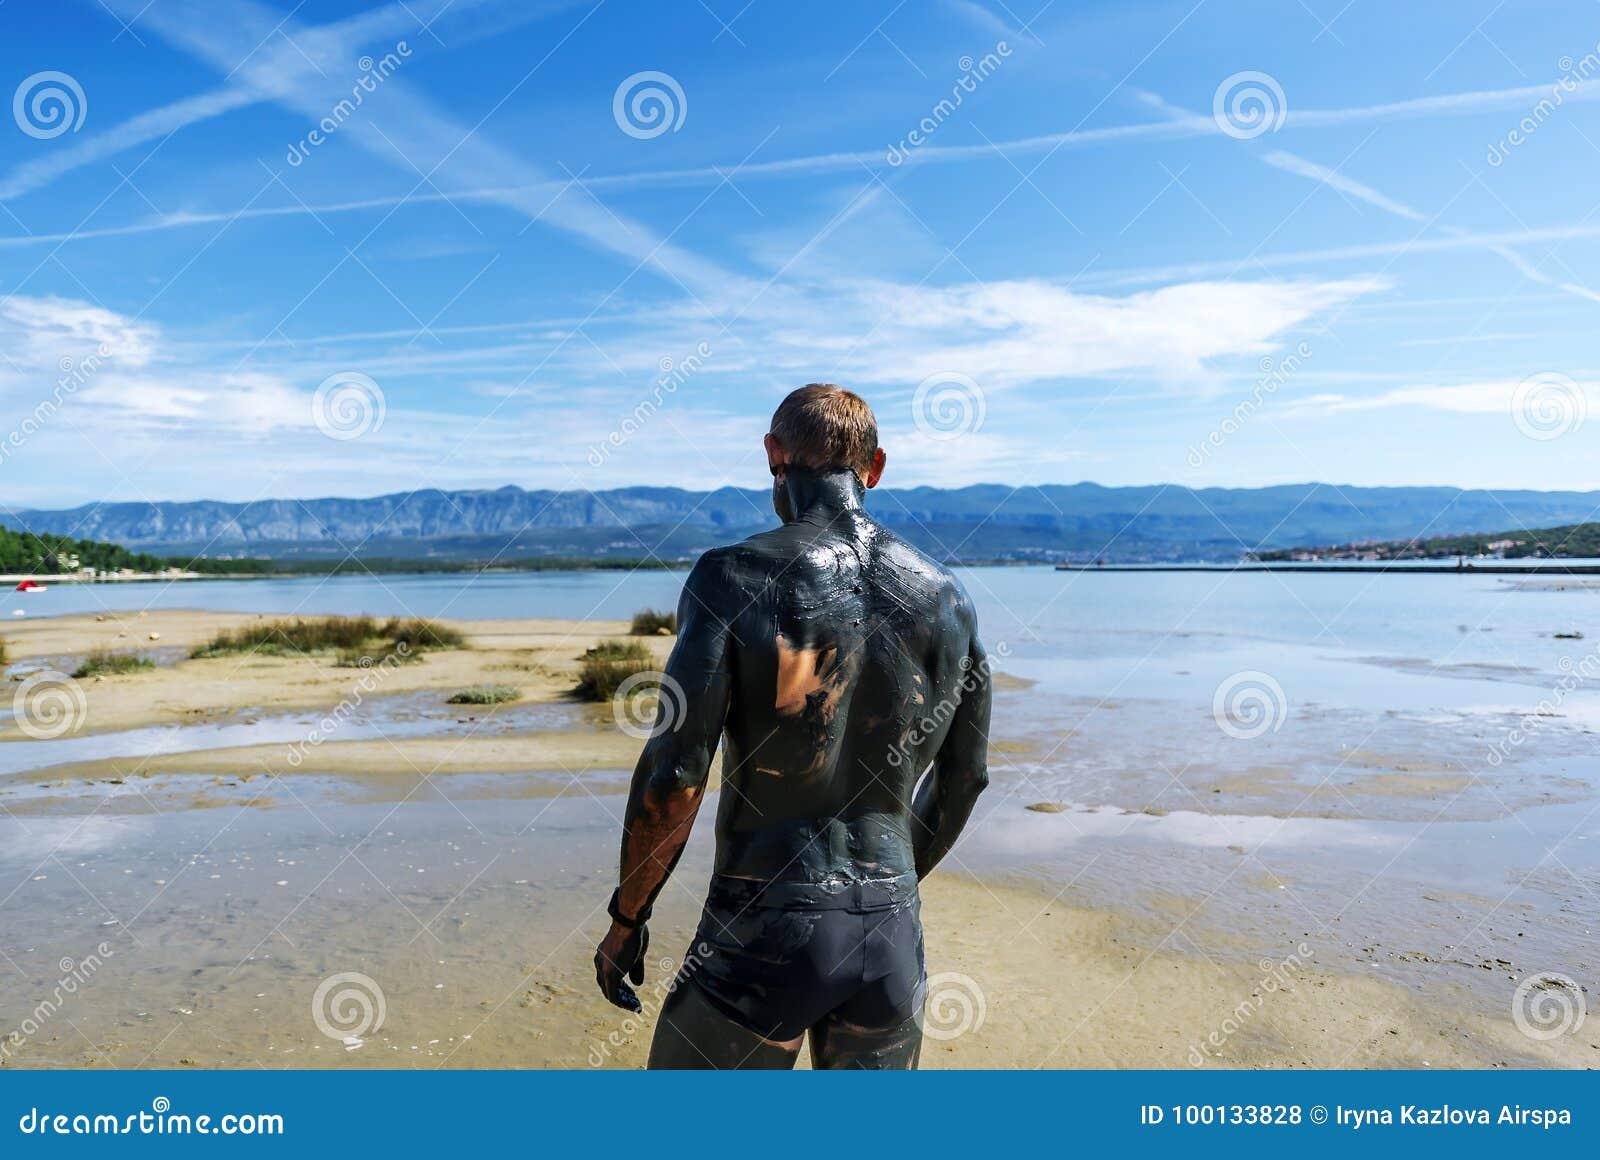 De man omvat met therapeutische modder loopt op het strand